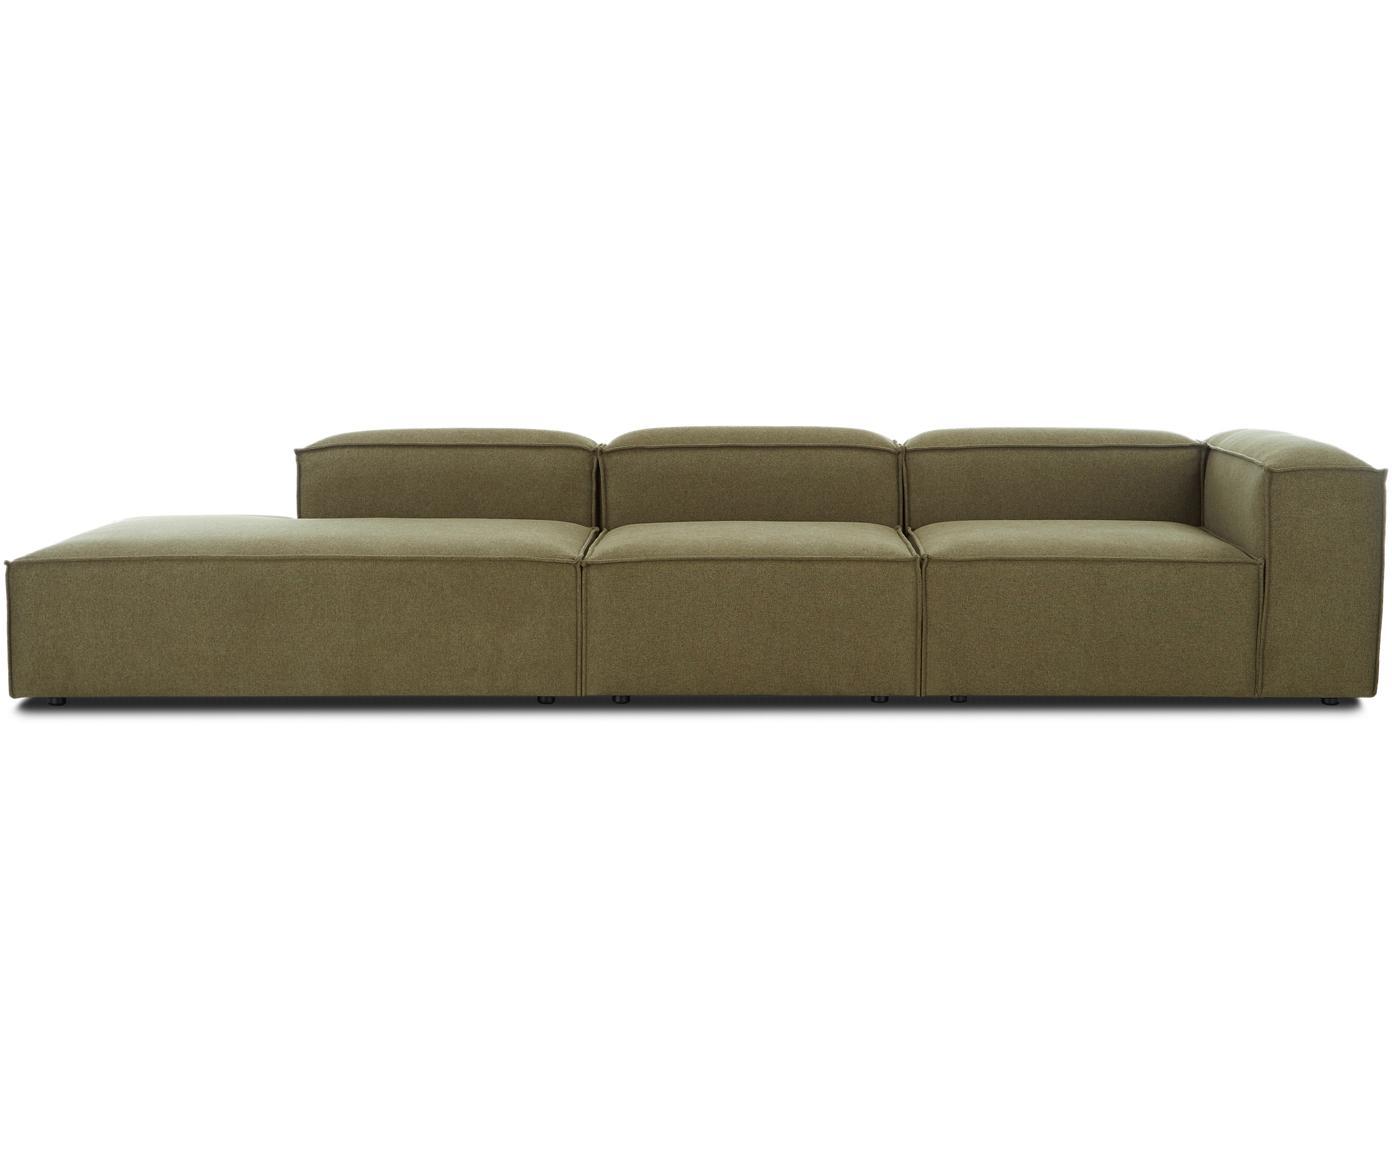 Modulaire XL chaise longue Lennon, Bekleding: 100% polyester, Frame: massief grenenhout, multi, Poten: kunststof, Geweven stof groen, B 357 x D 119 cm